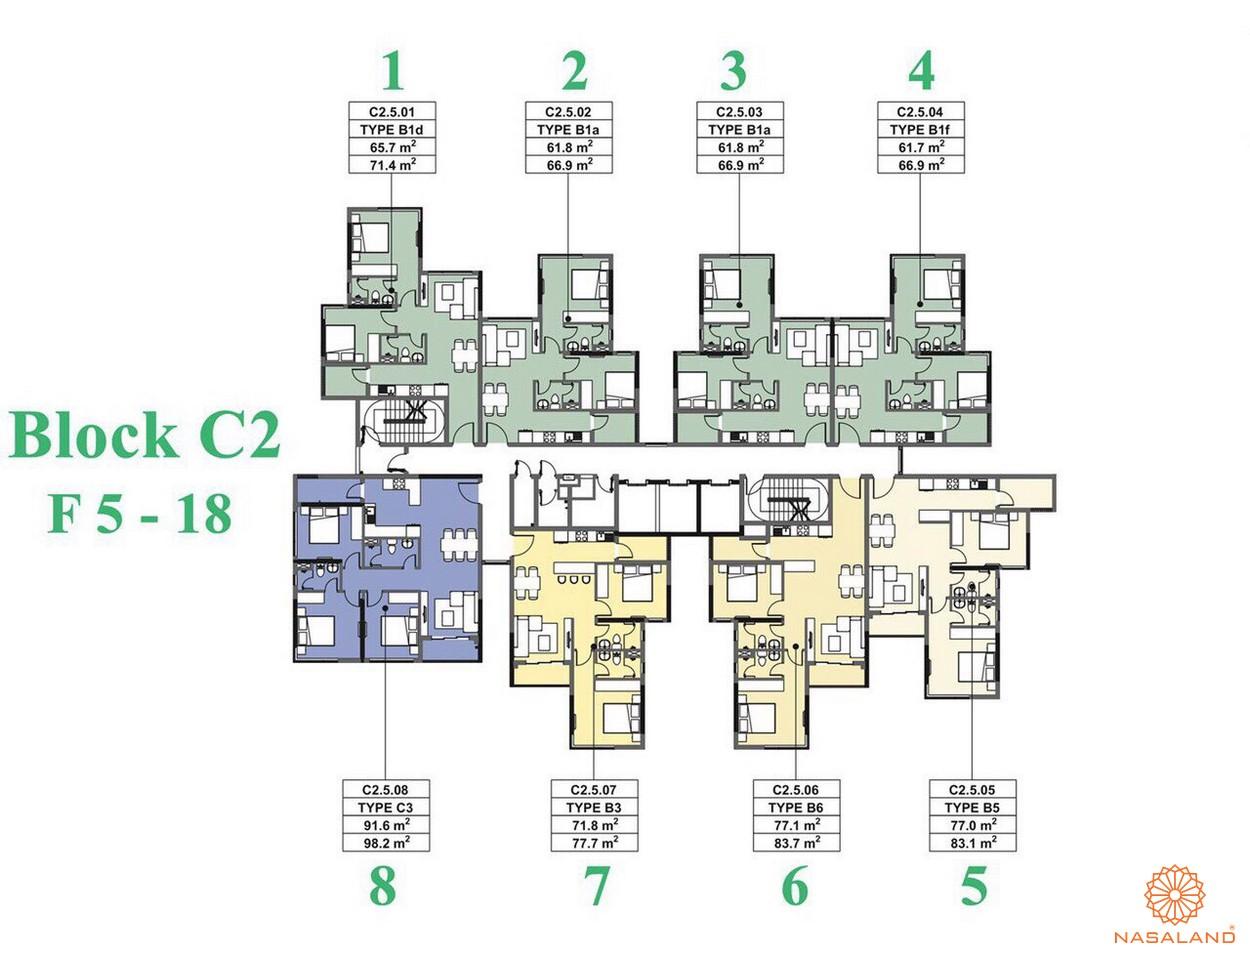 Mặt bằng dự án căn hộ The Habitat Bình Dương - Block C2